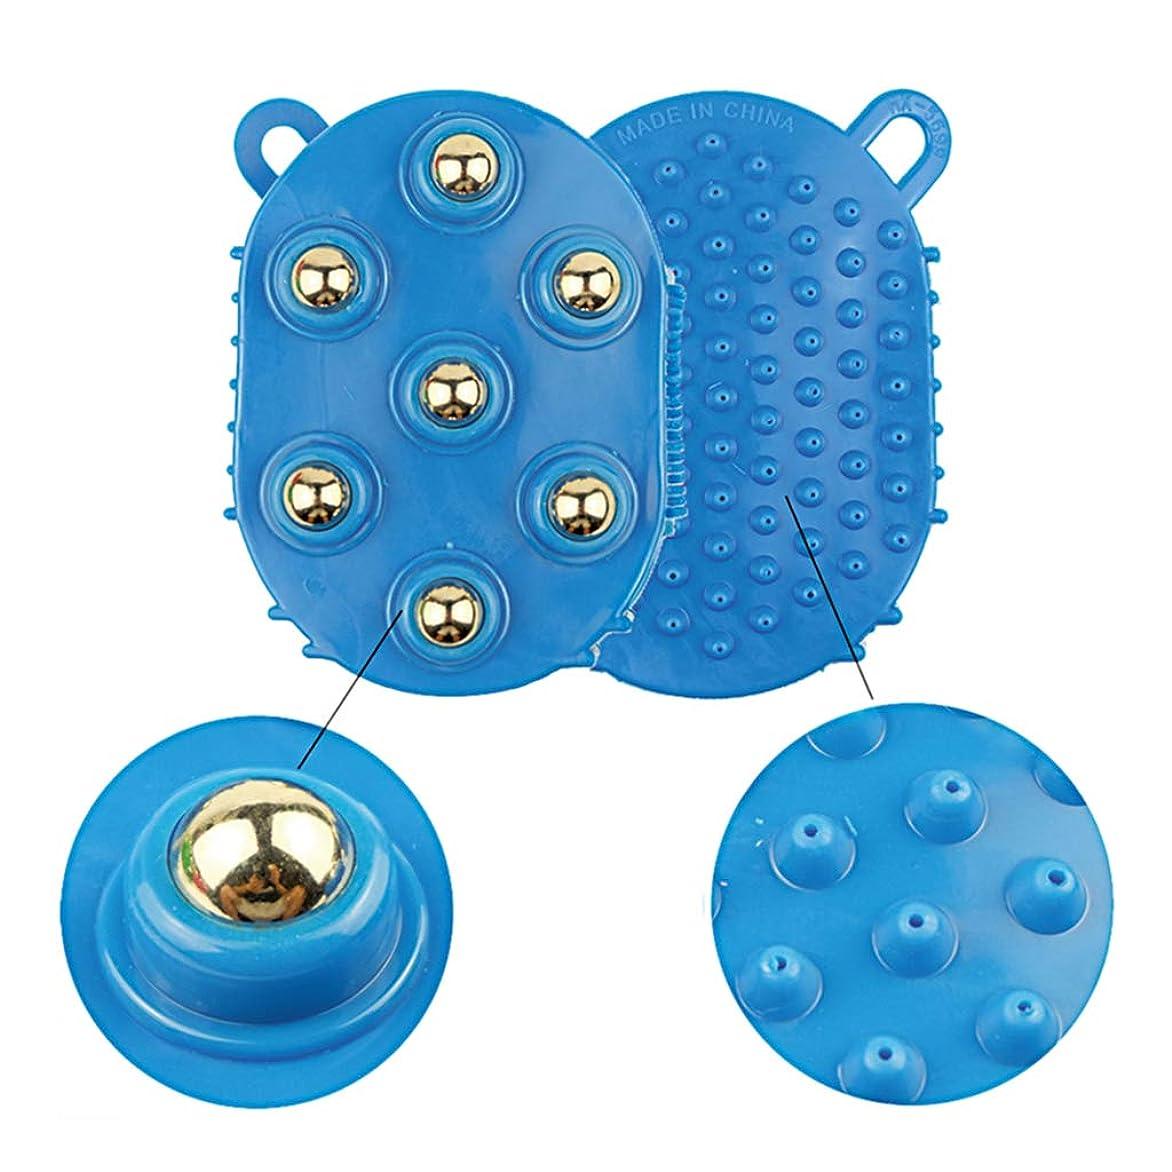 世界プロポーショナル五月360度スピン7ピーススチールボールローラー痩身ボディマッサージブラシバスで洗うディープティッシュマッサージボールスパイク付き(1パック),Blue